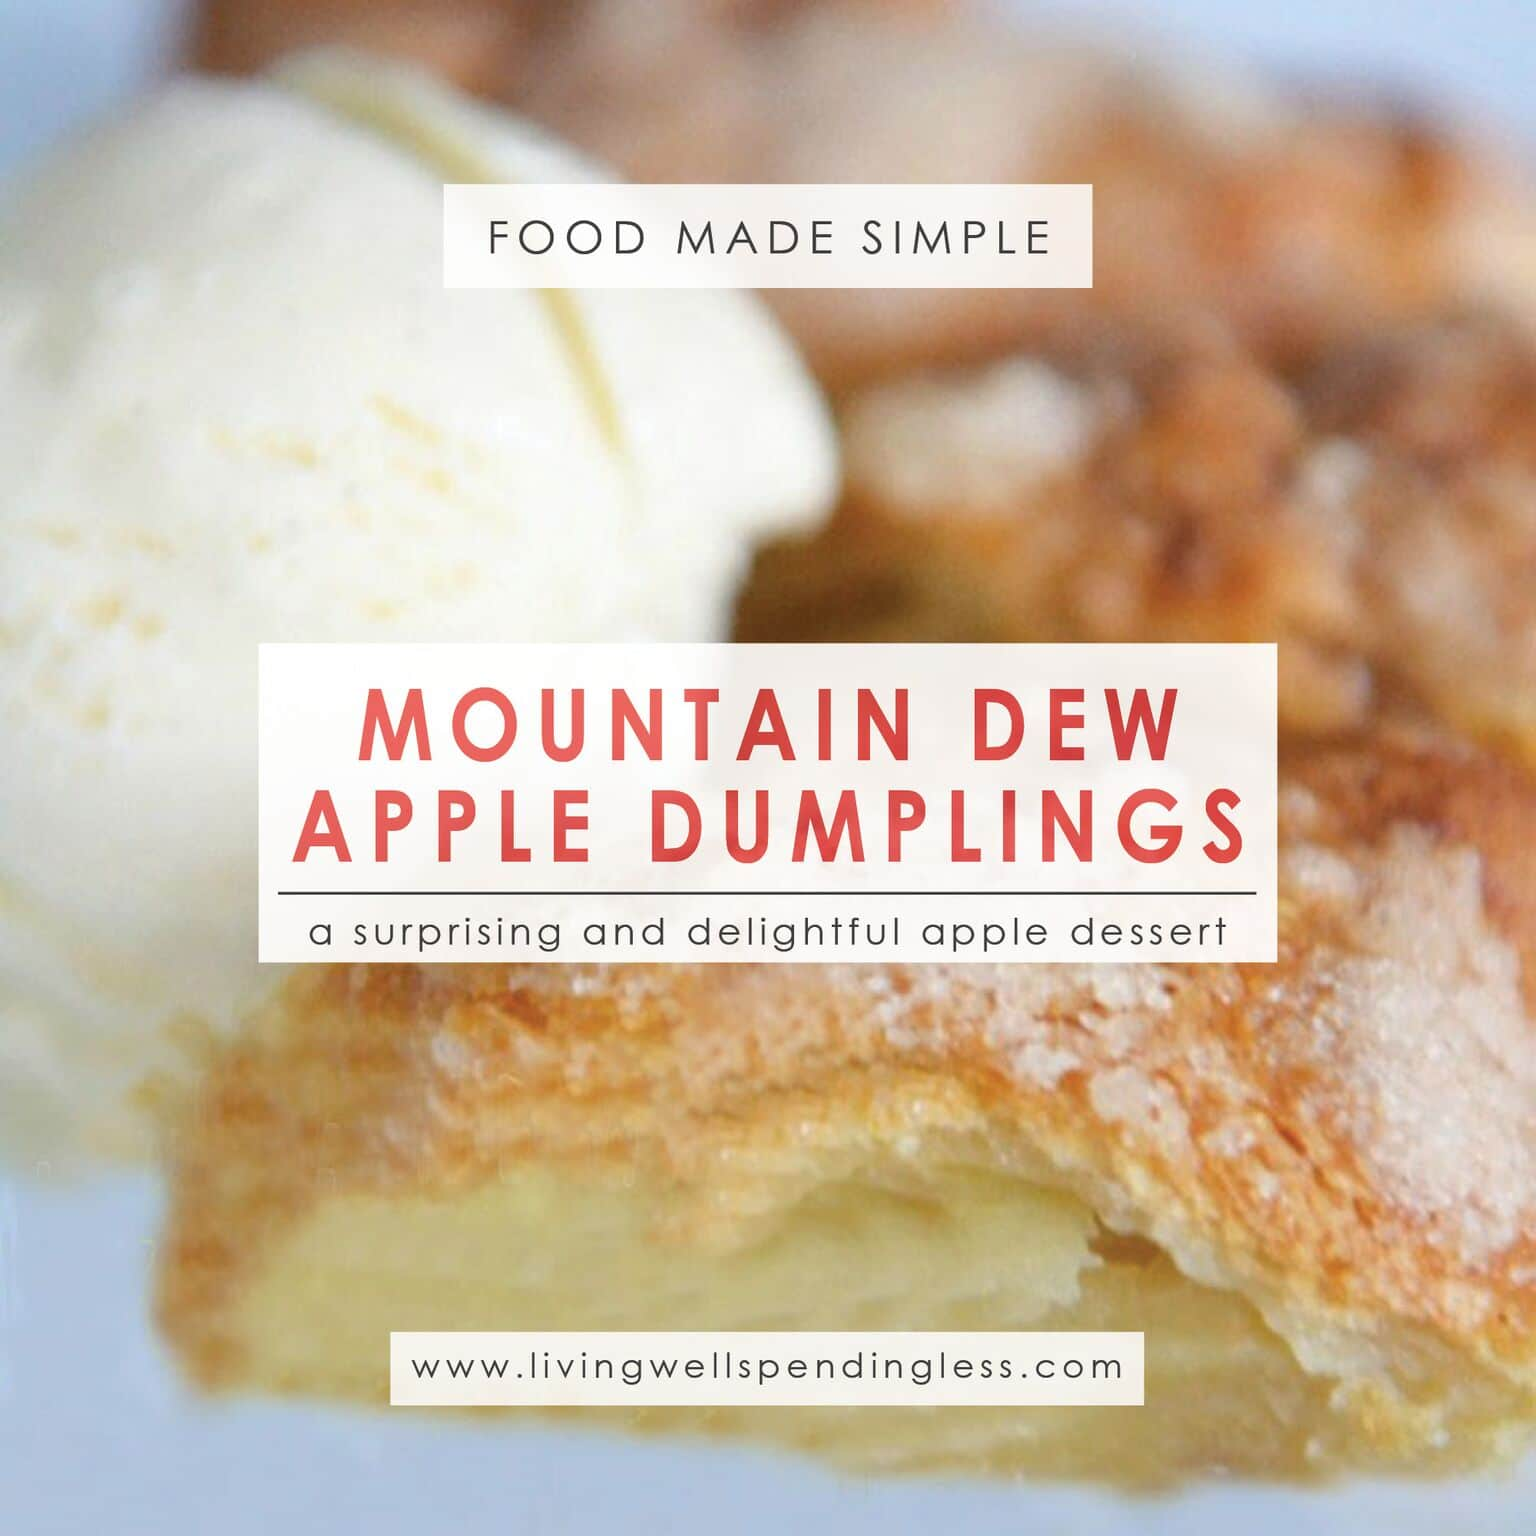 Mountain Dew Apple Dumplings | Apple Dumplings Recipe | Apple Dumplings | Easy Dumplings Recipe